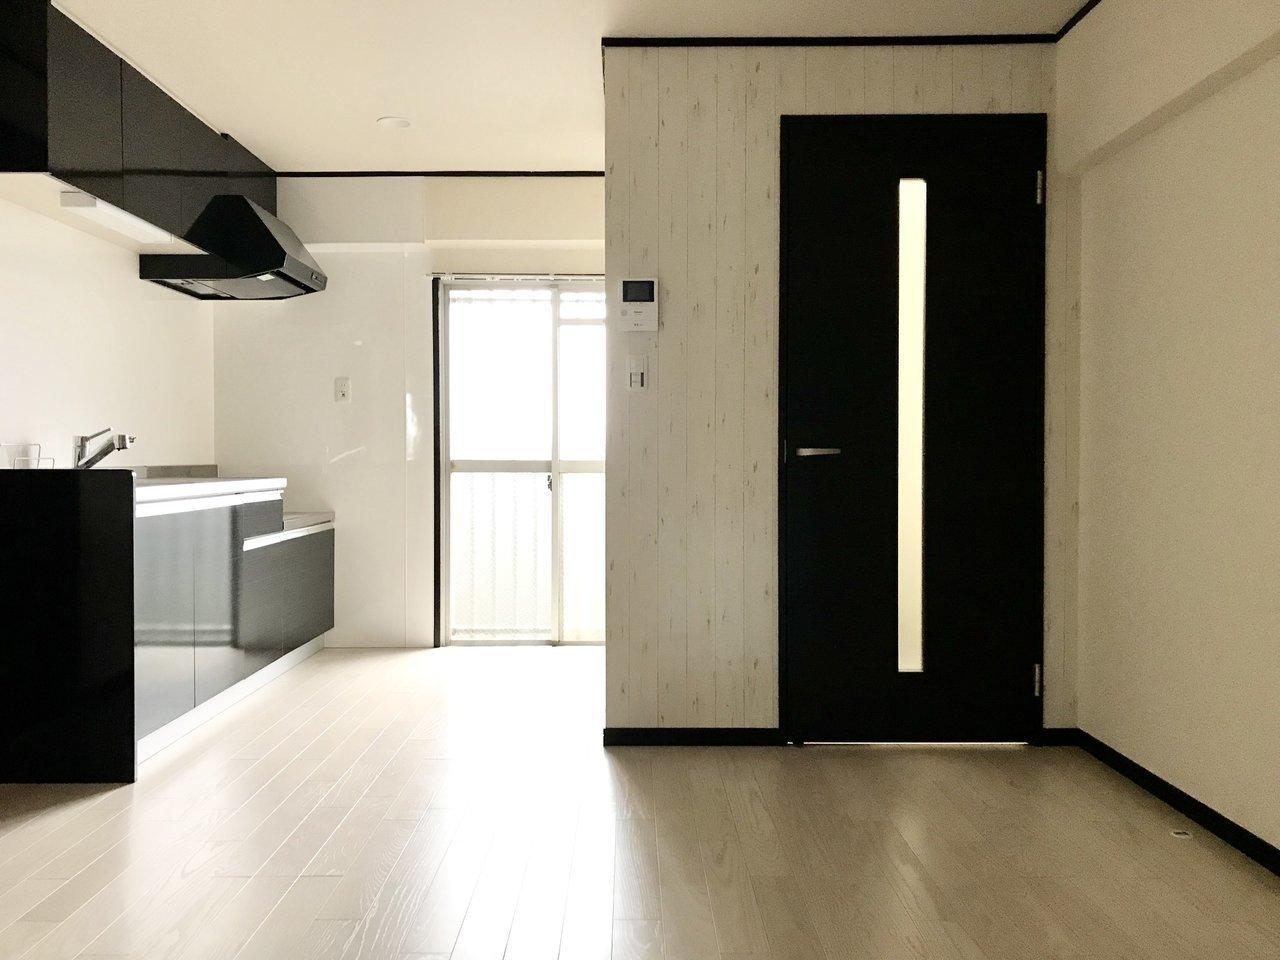 とにかく広さを求める方に、お手ごろなリノベ2LDK。黒のキッチンや黒の建具が、インテリアをピリッと引き締めます。